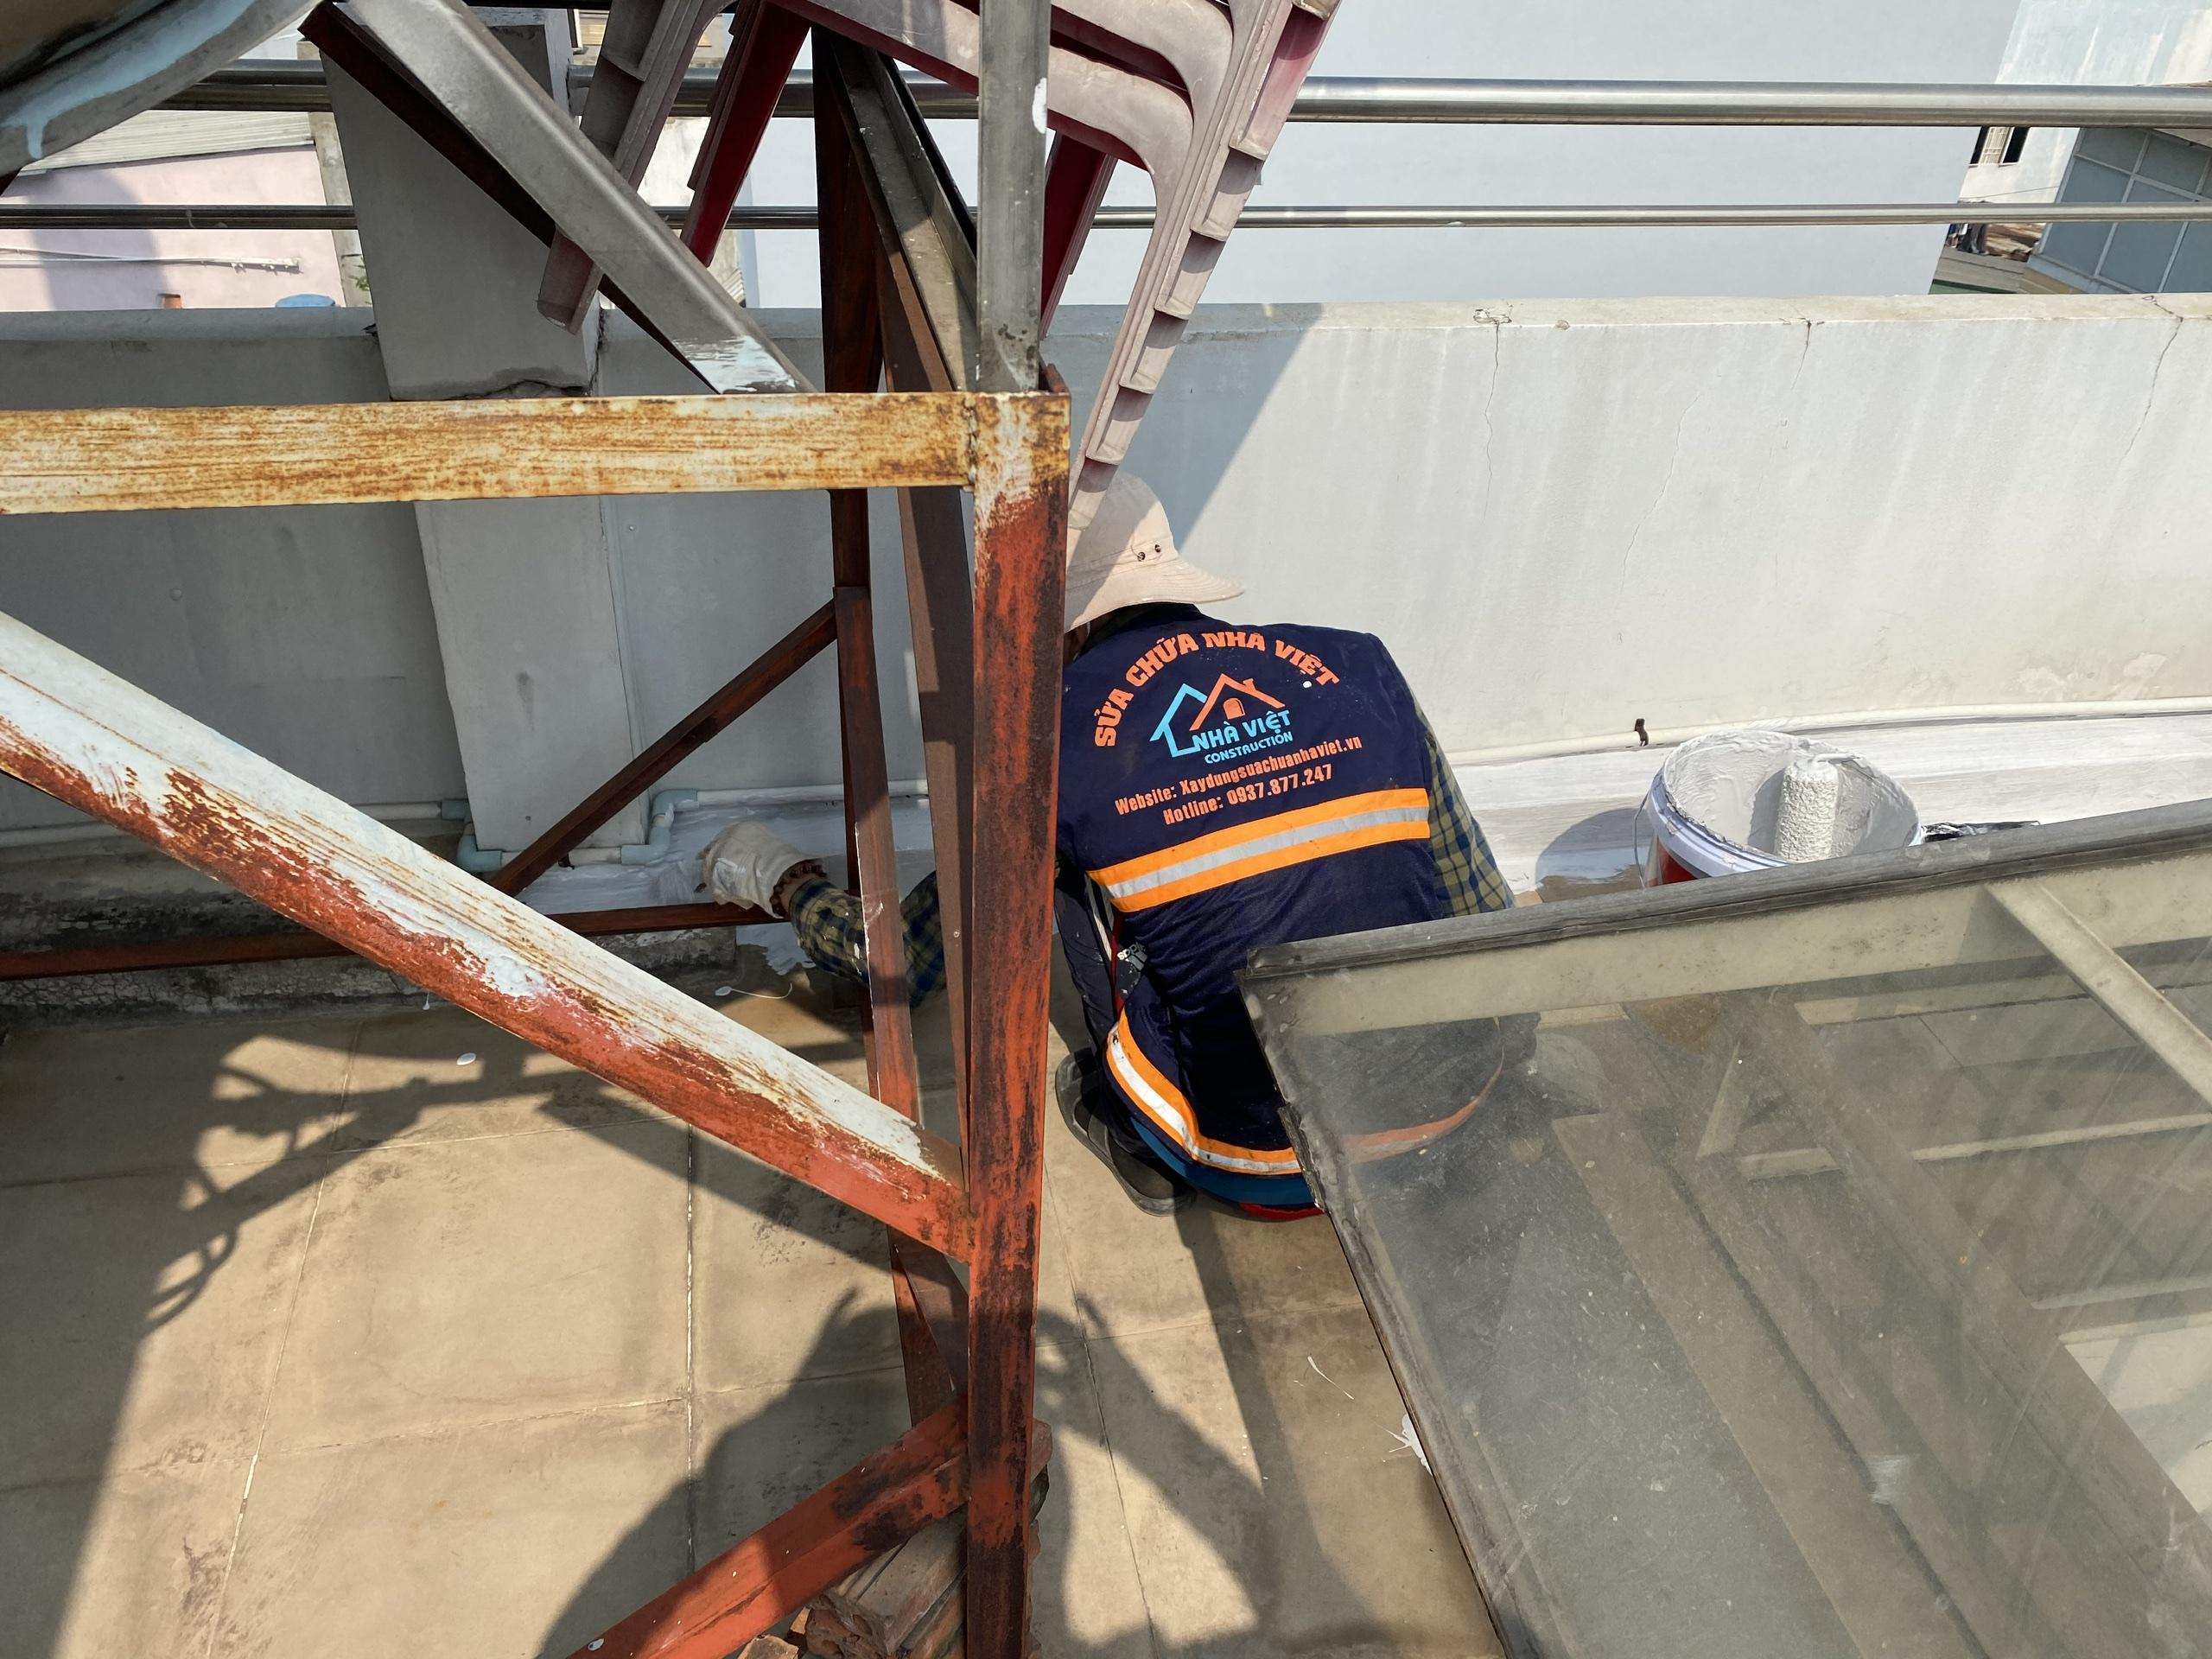 vat lieu chong tham san thuong 9 - 5 Vật liệu chống thấm sân thượng tốt nhất đảm bảo chất lượng hiện nay